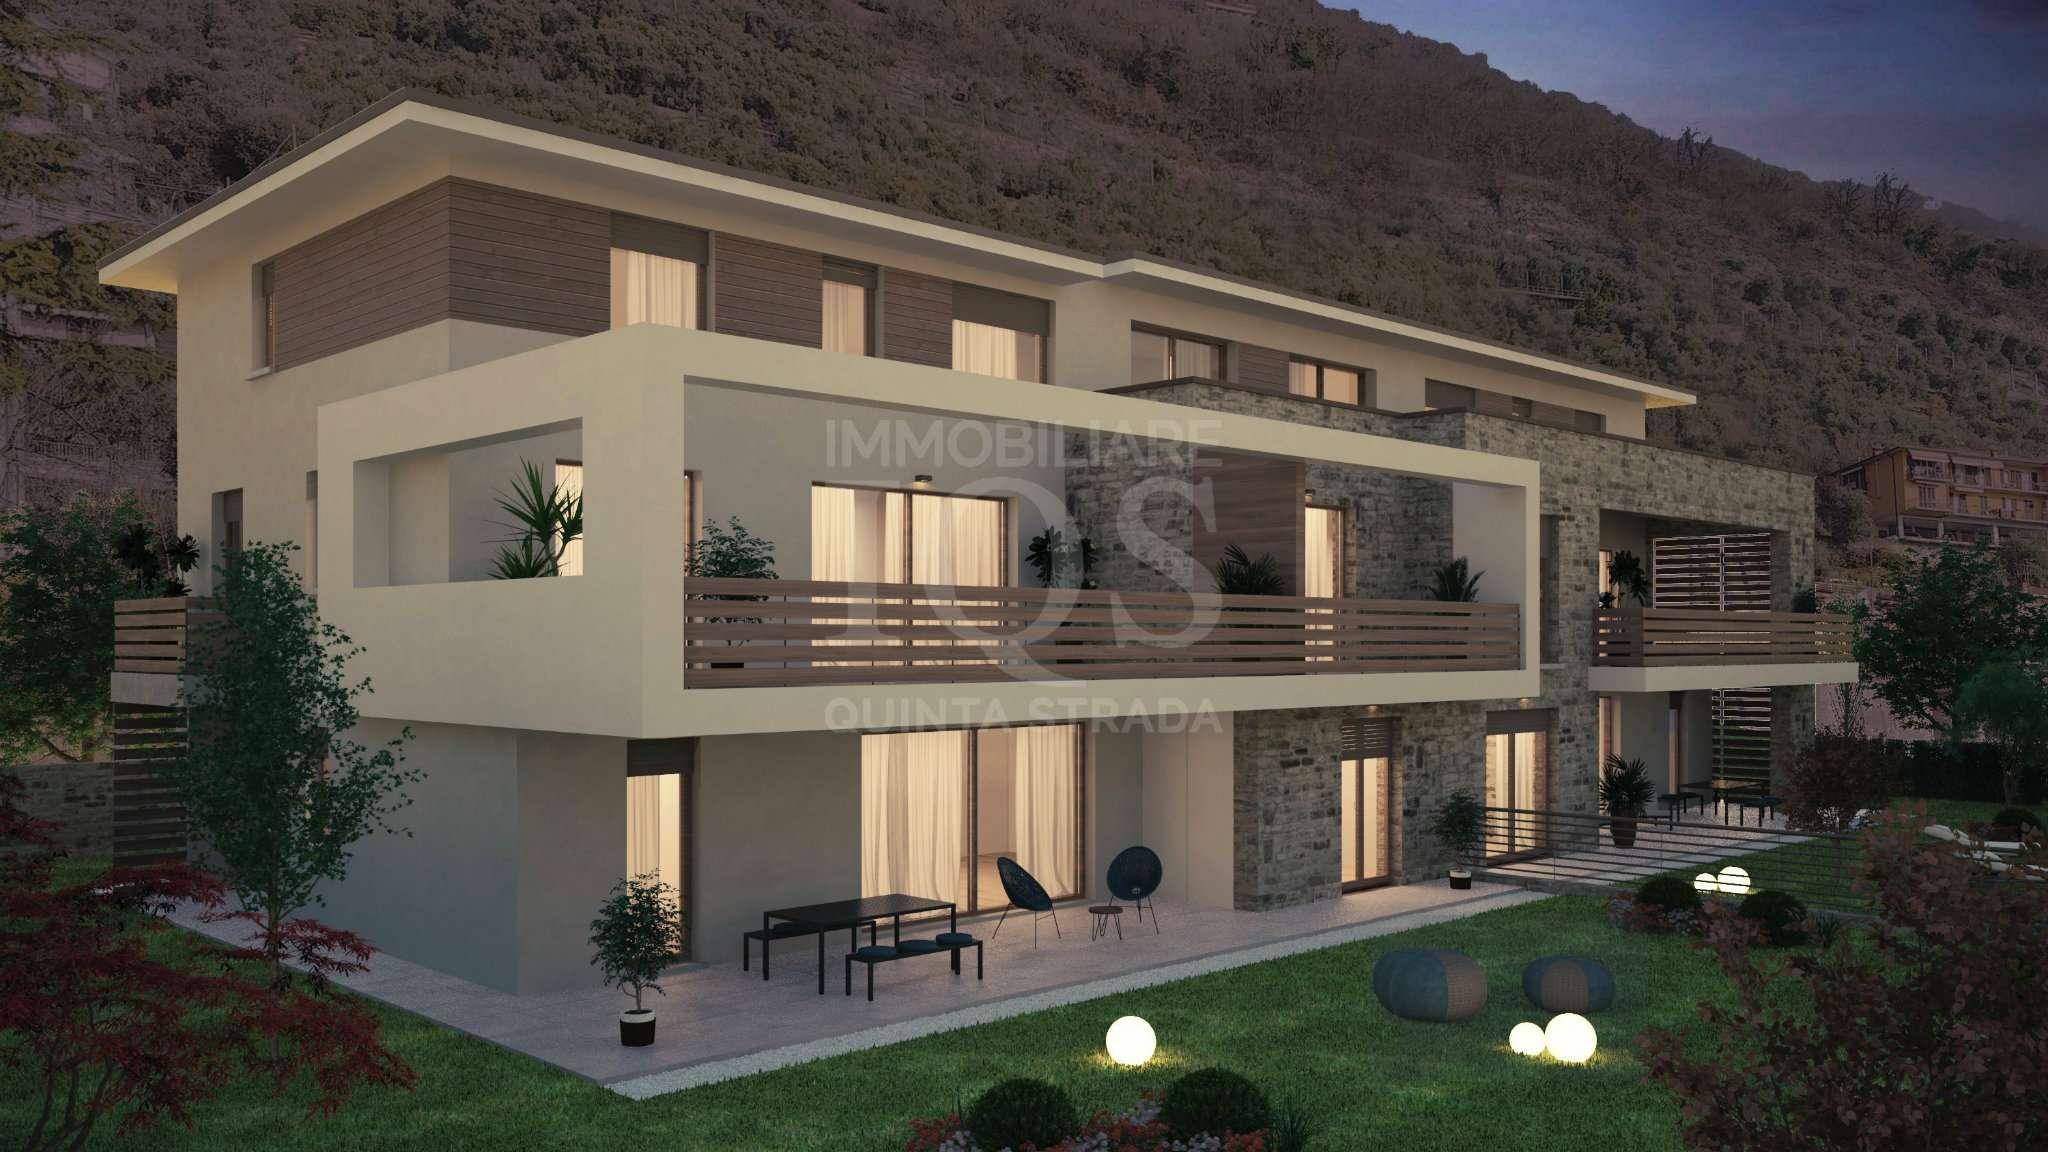 Attico / Mansarda in vendita a Predore, 3 locali, prezzo € 310.000   PortaleAgenzieImmobiliari.it